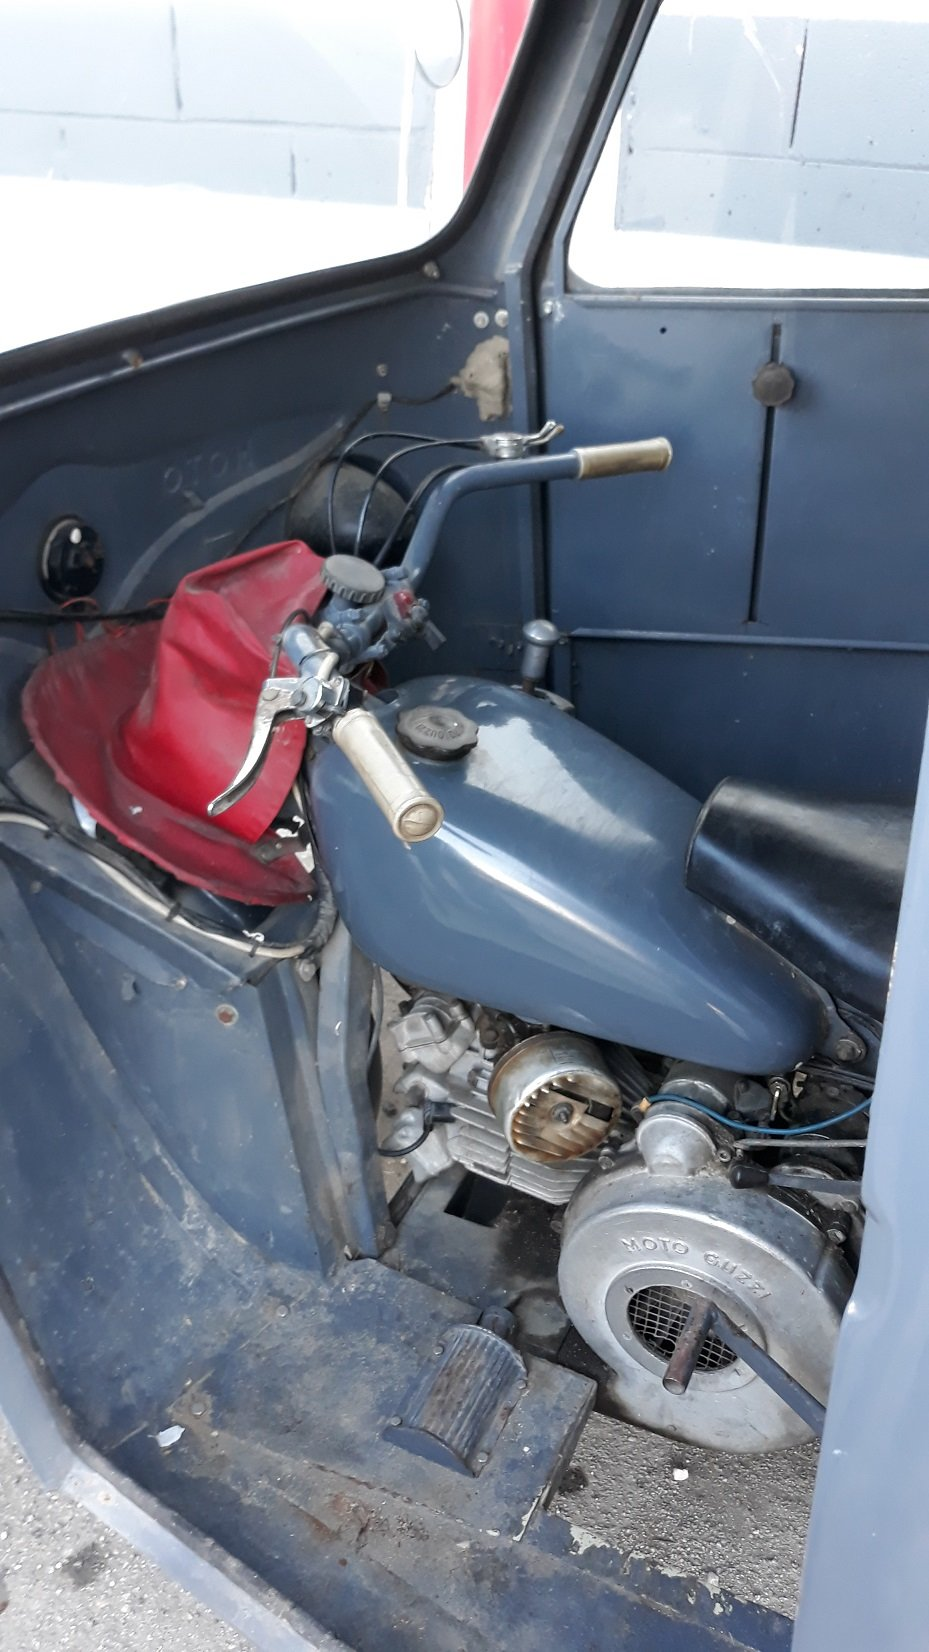 1972 Moto Guzzi Ercole 500 For Sale (picture 5 of 10)